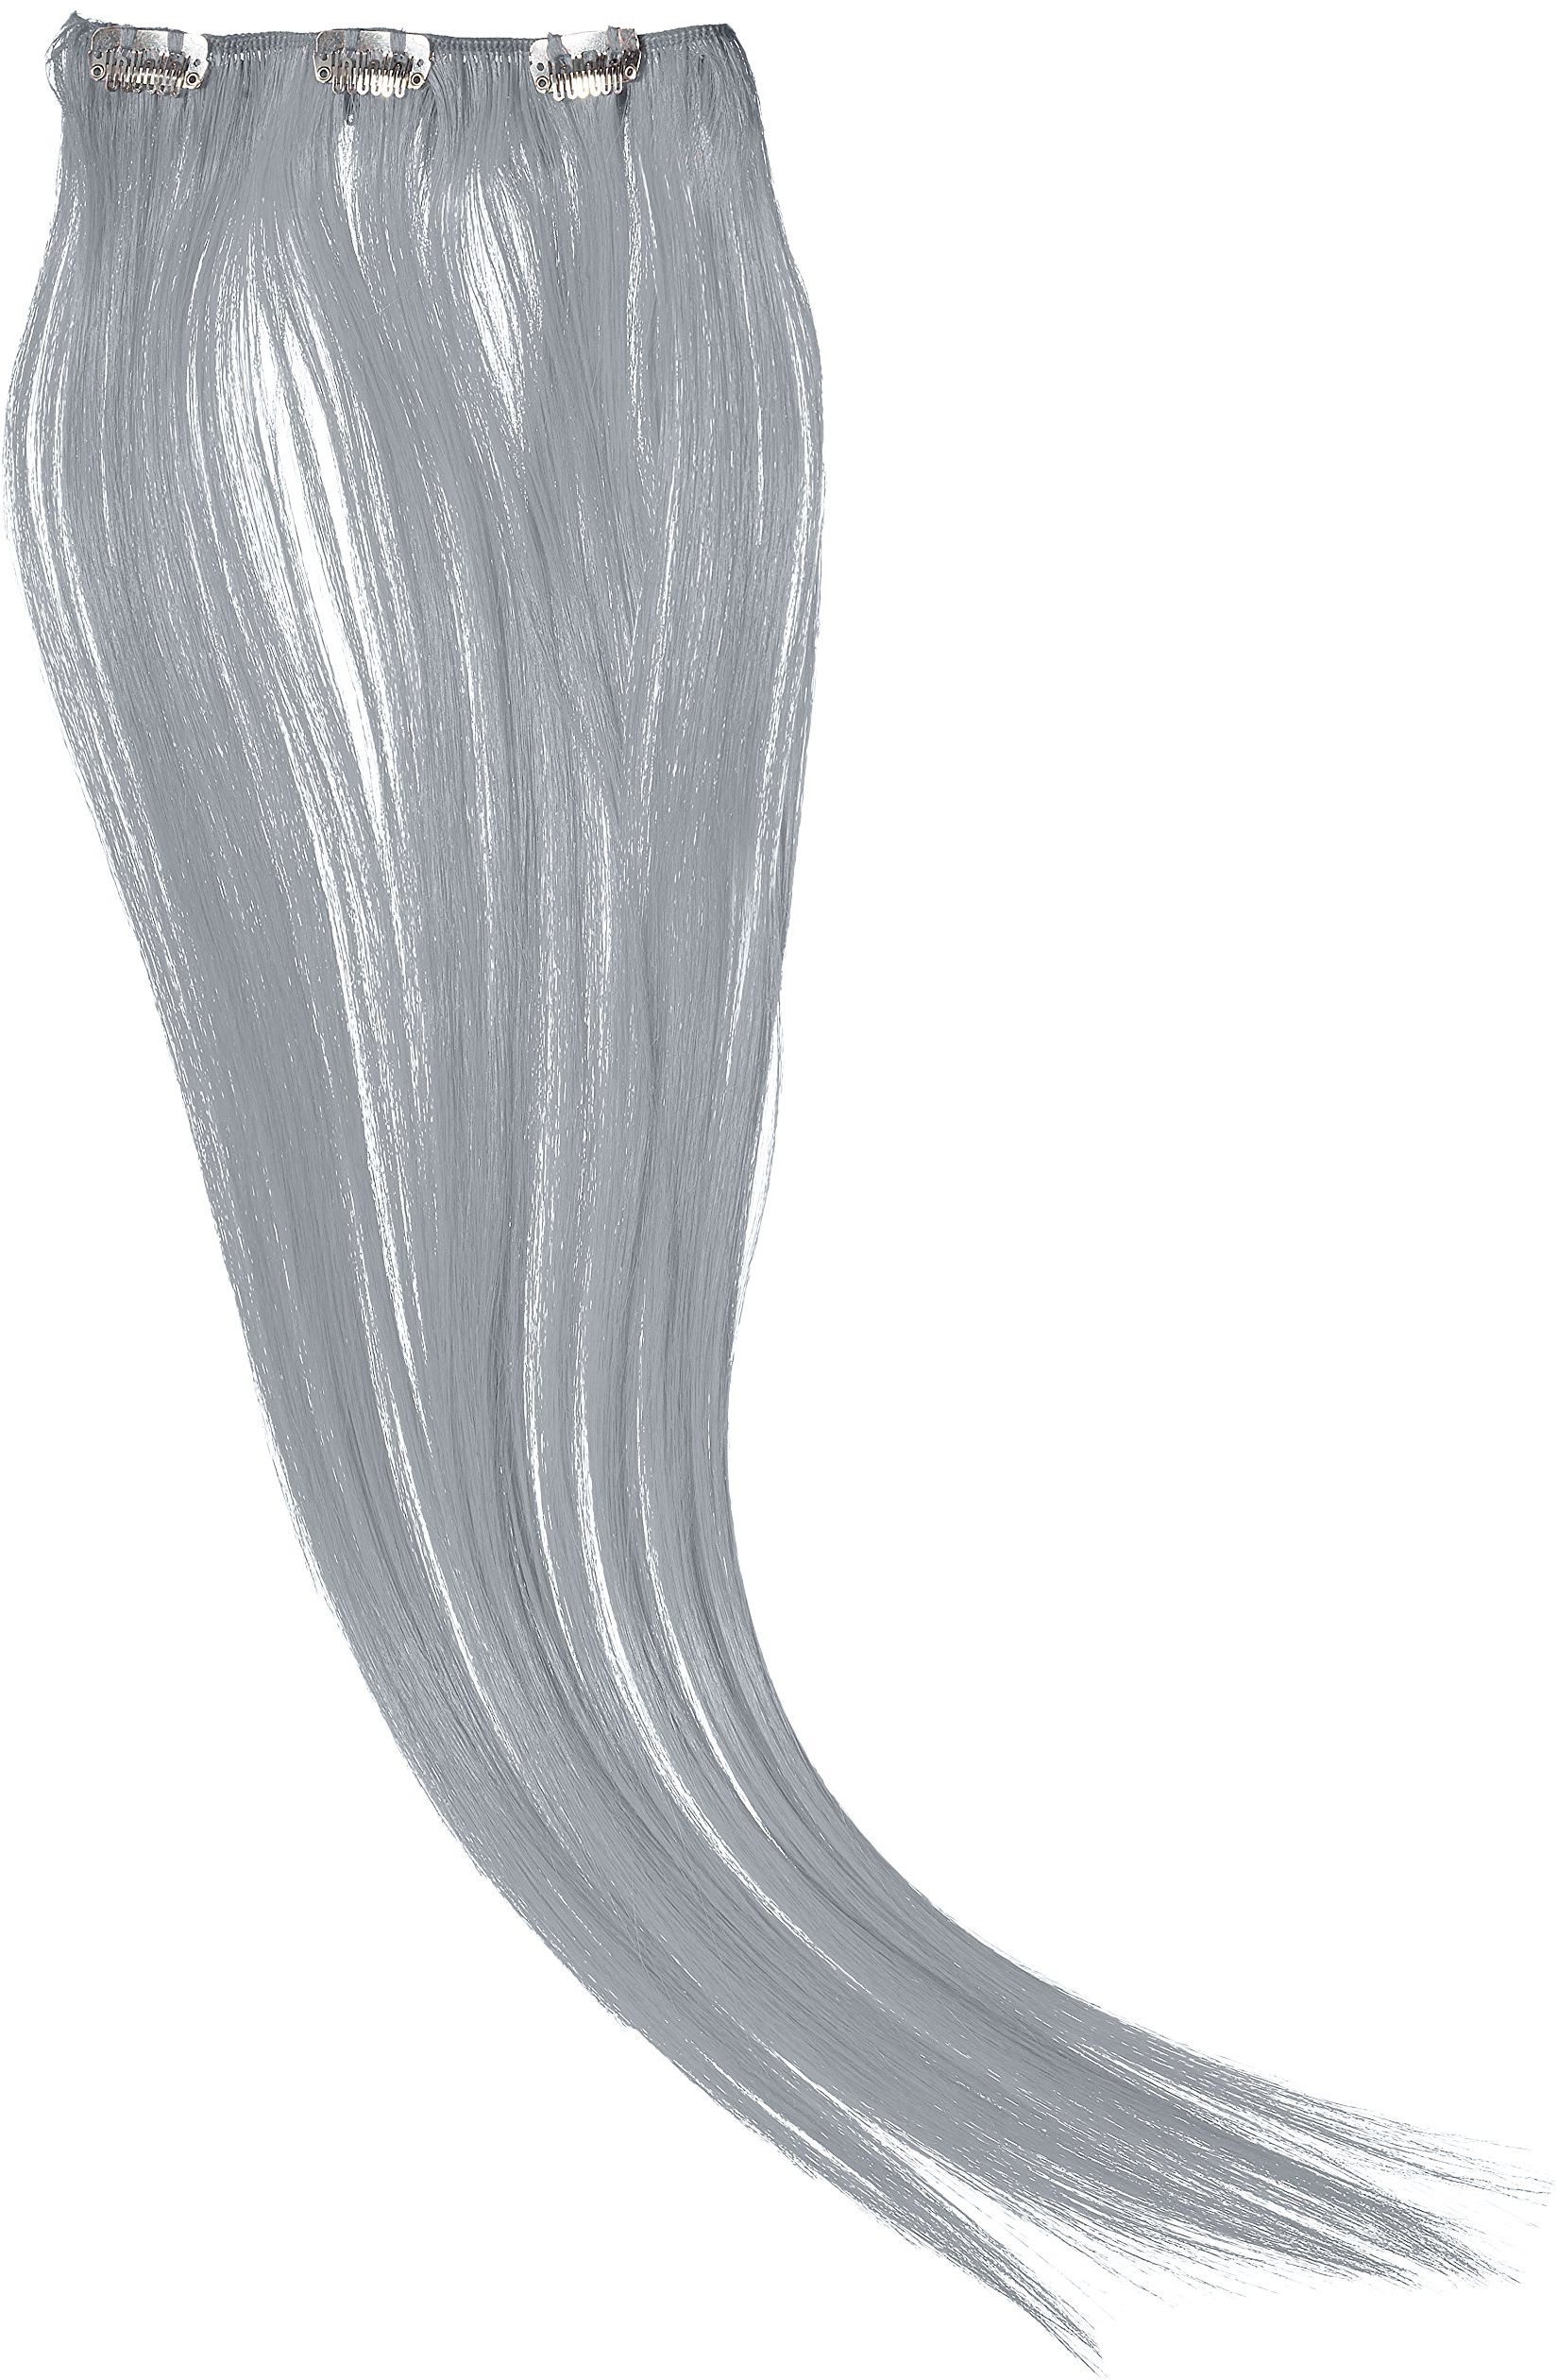 Hairaisers Clip and Go Extensions, 45 cm sztuczne włosy, białe, 1 sztuka